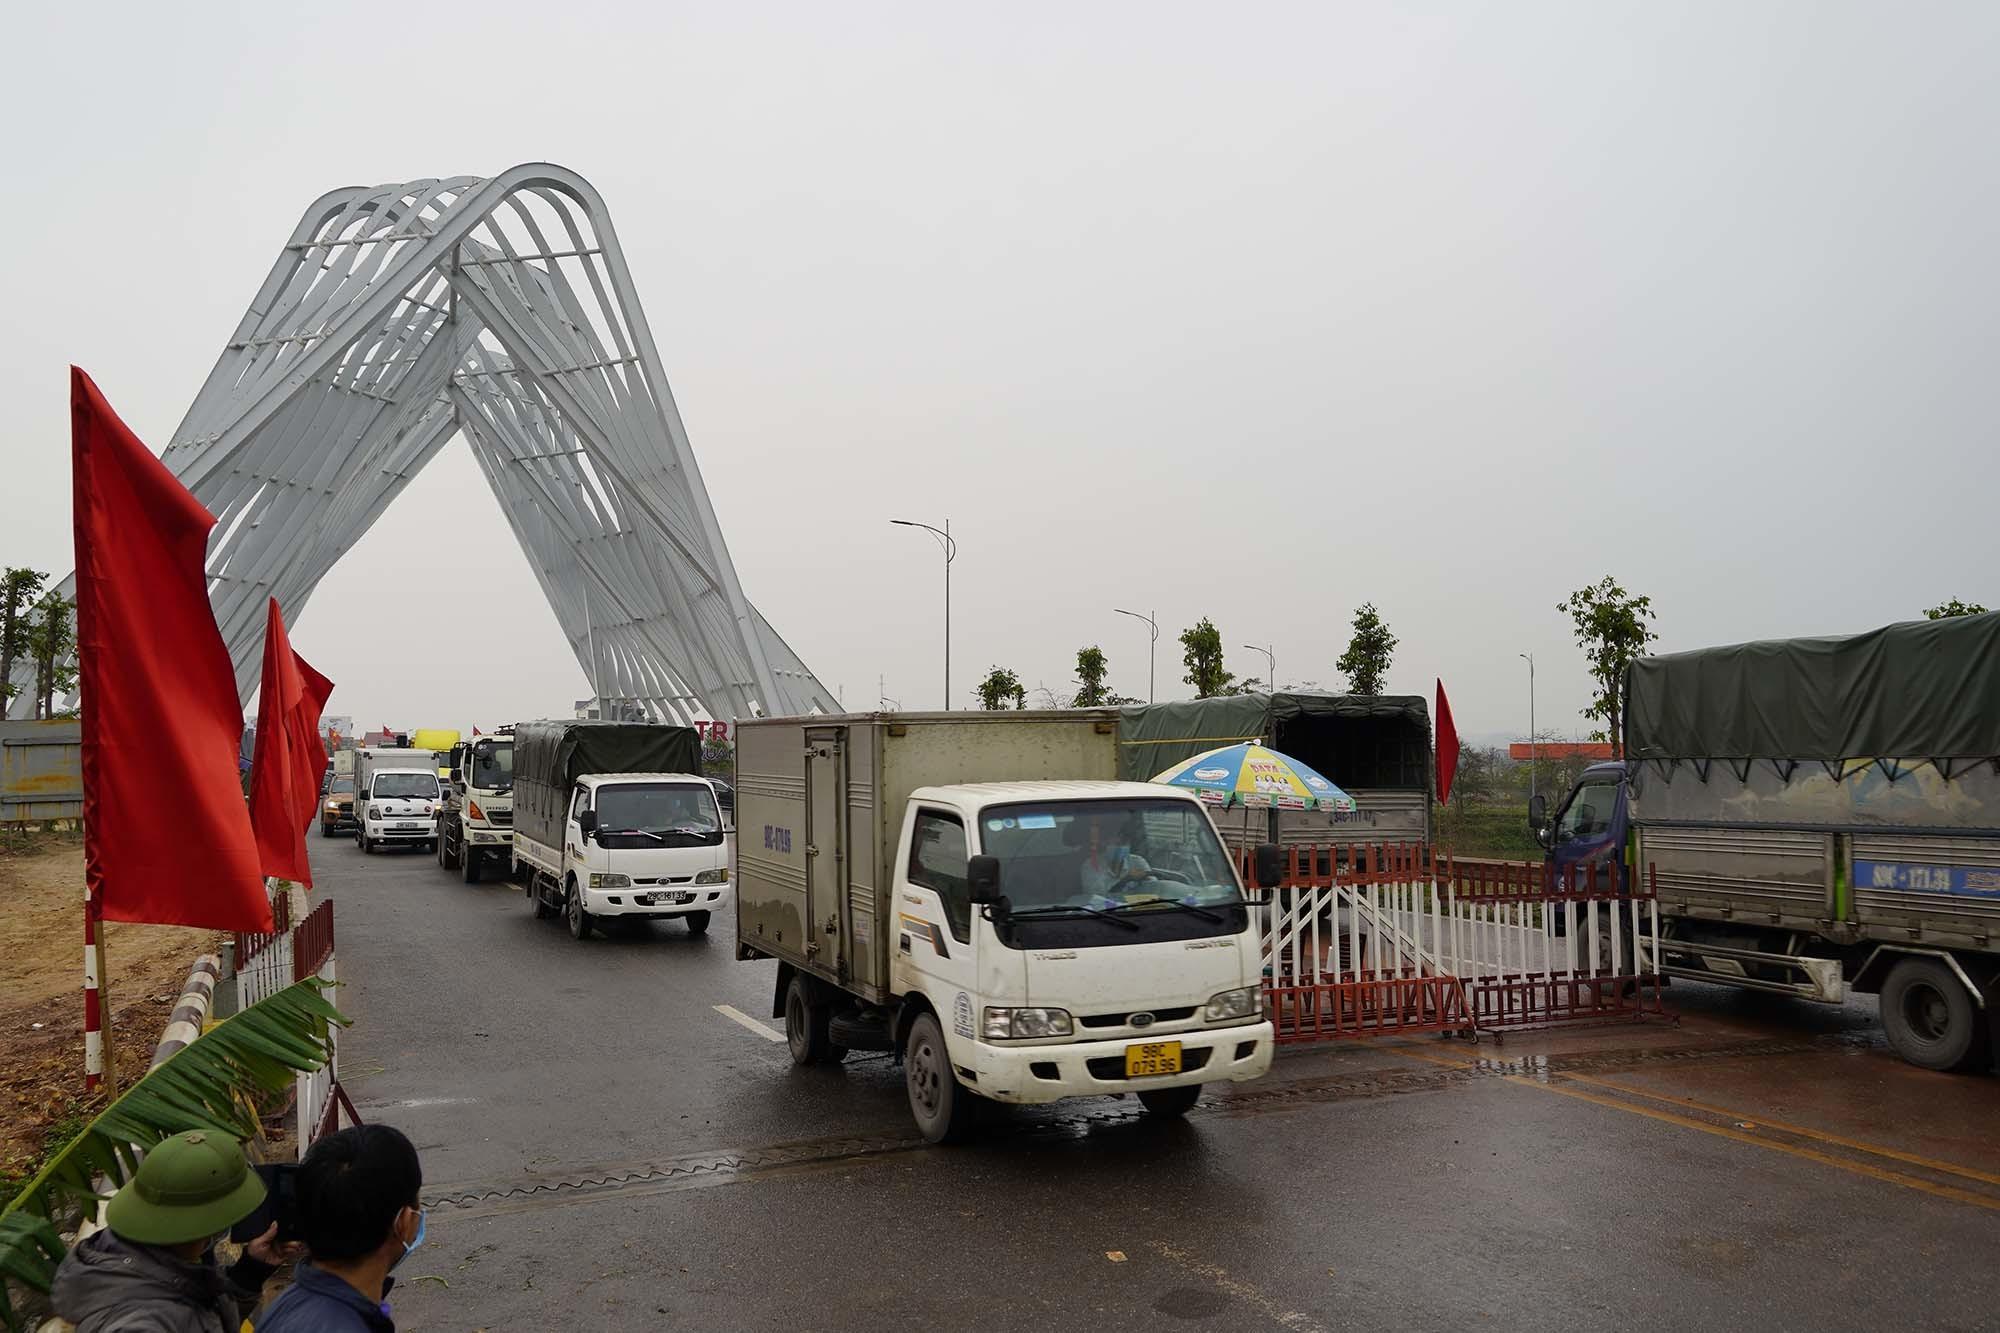 Chốt kiểm soát ở cửa ngõ Quảng Ninh được dỡ, hàng hoá lưu thông nhịp nhàng